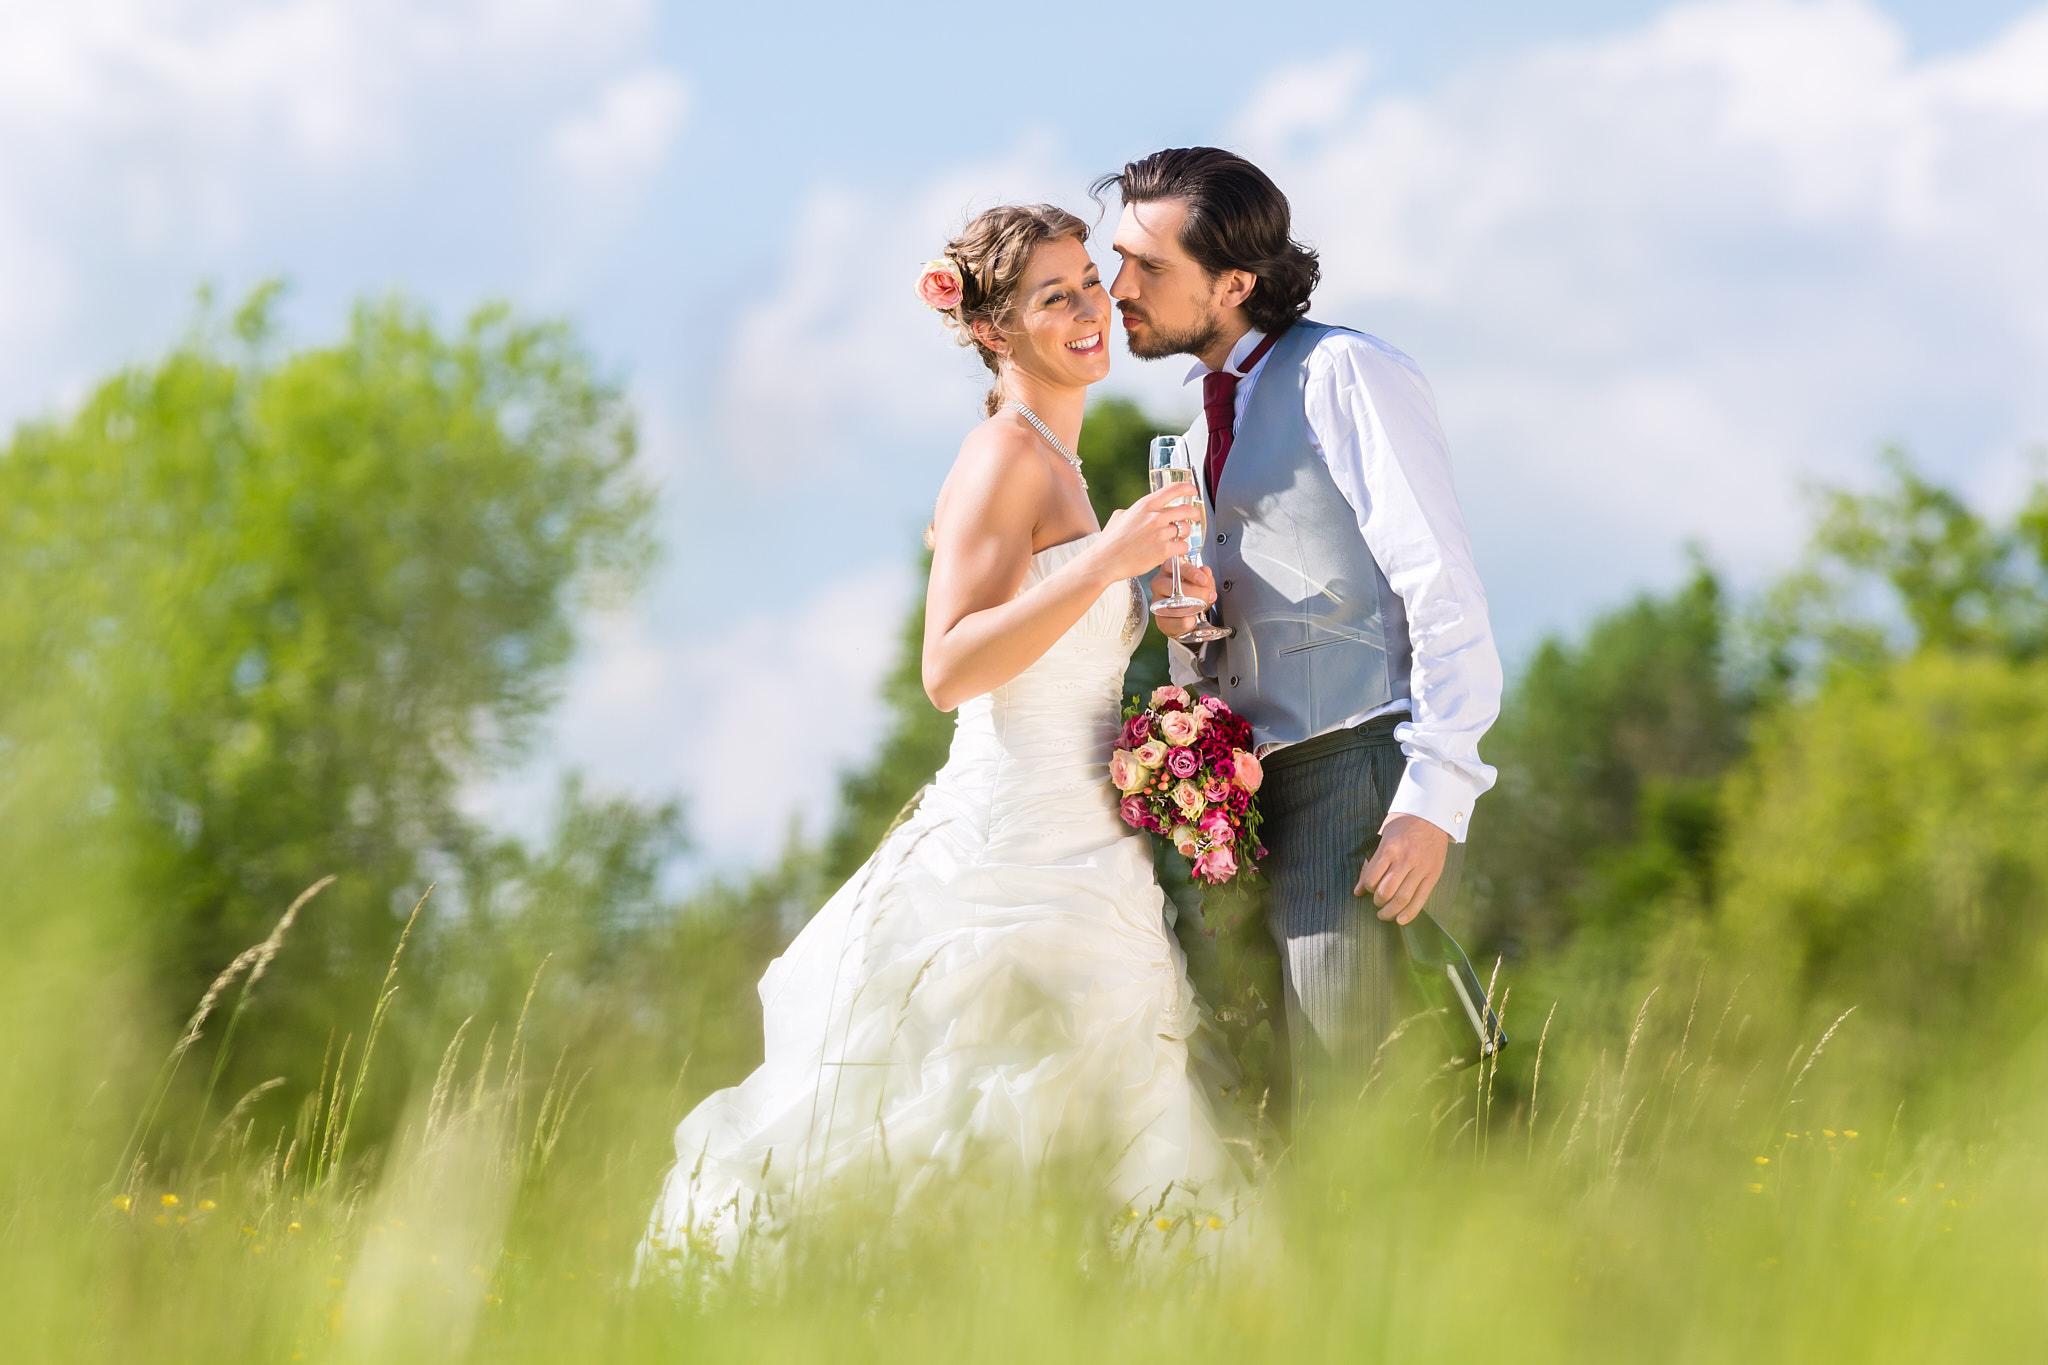 matrimonio rid 0_54